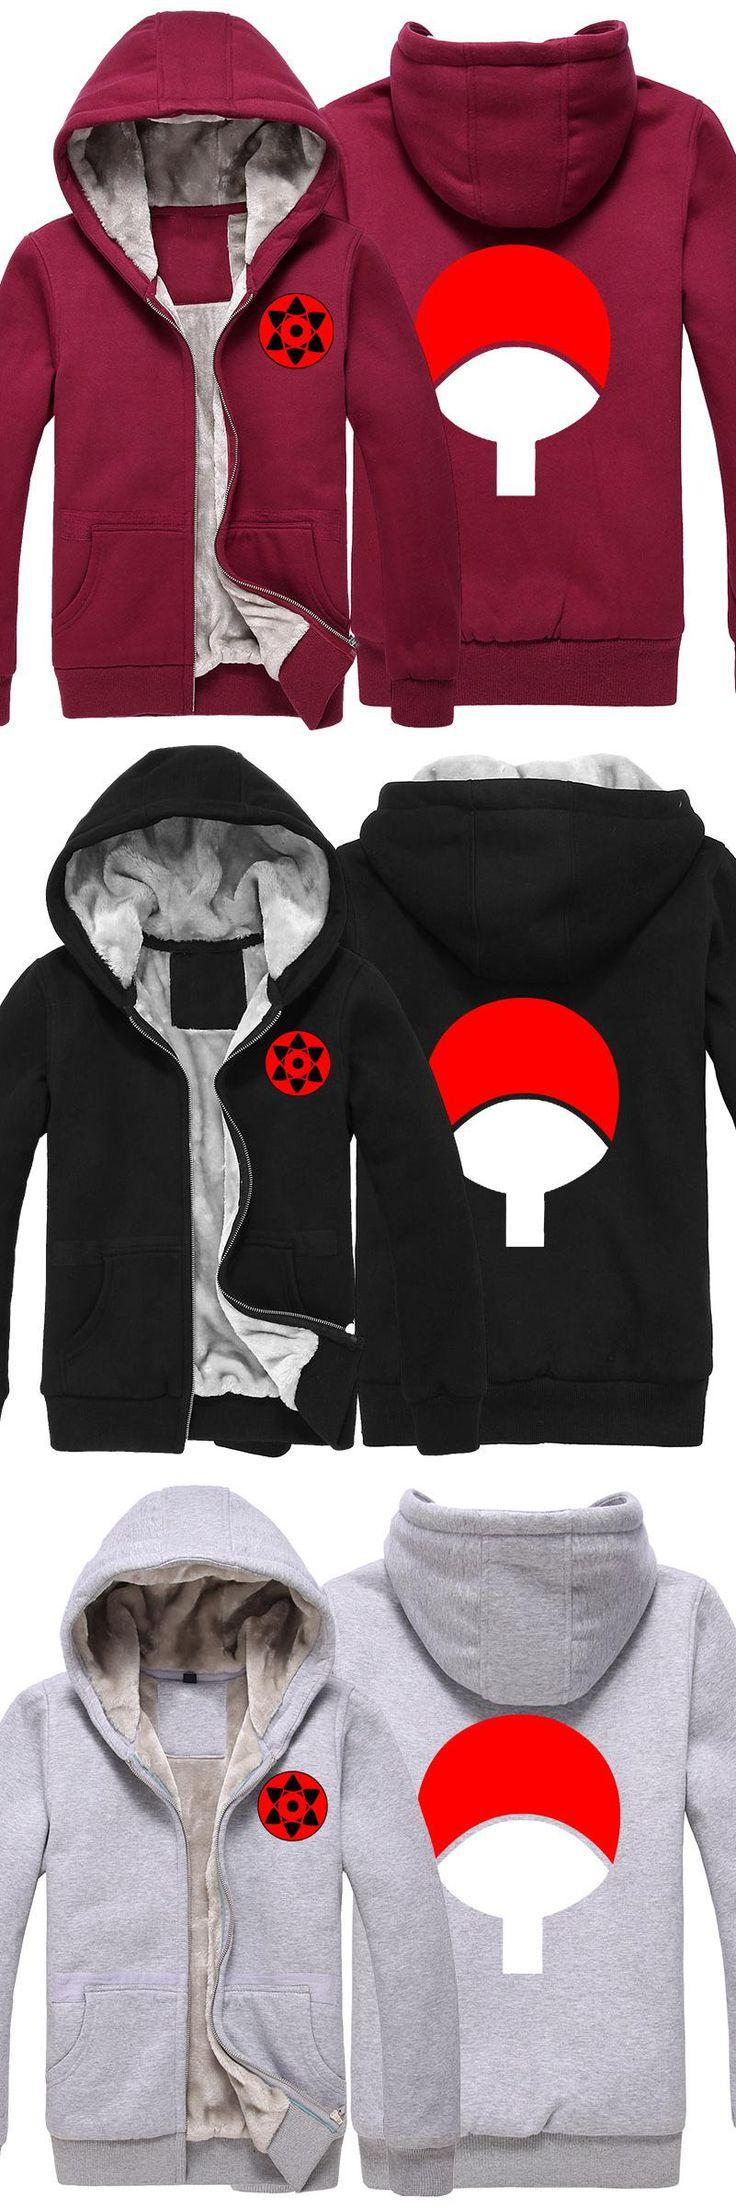 Anime Naruto uchiha sasuke cosplay costume women men cardigan zipper thick hoodie jacket coat